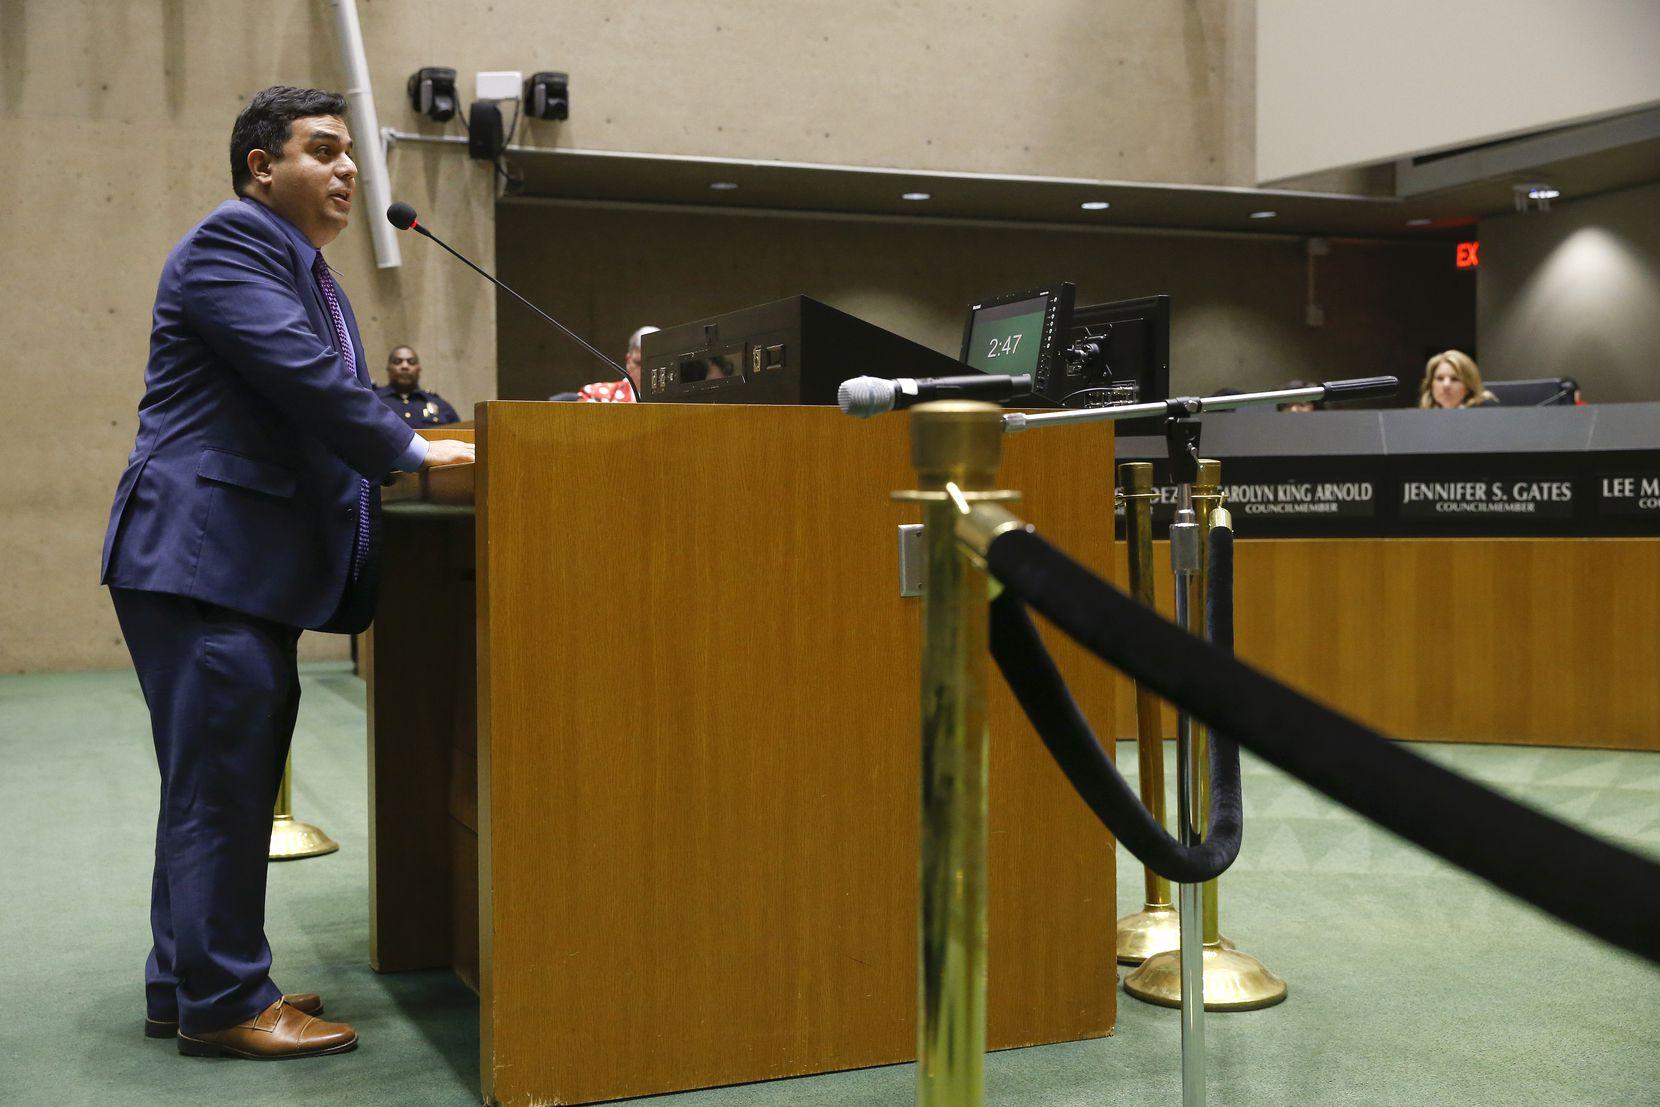 David Lozano, the executive artistic director of Cara Mia Theatre, spoke before the Dallas City Council on Wednesday.